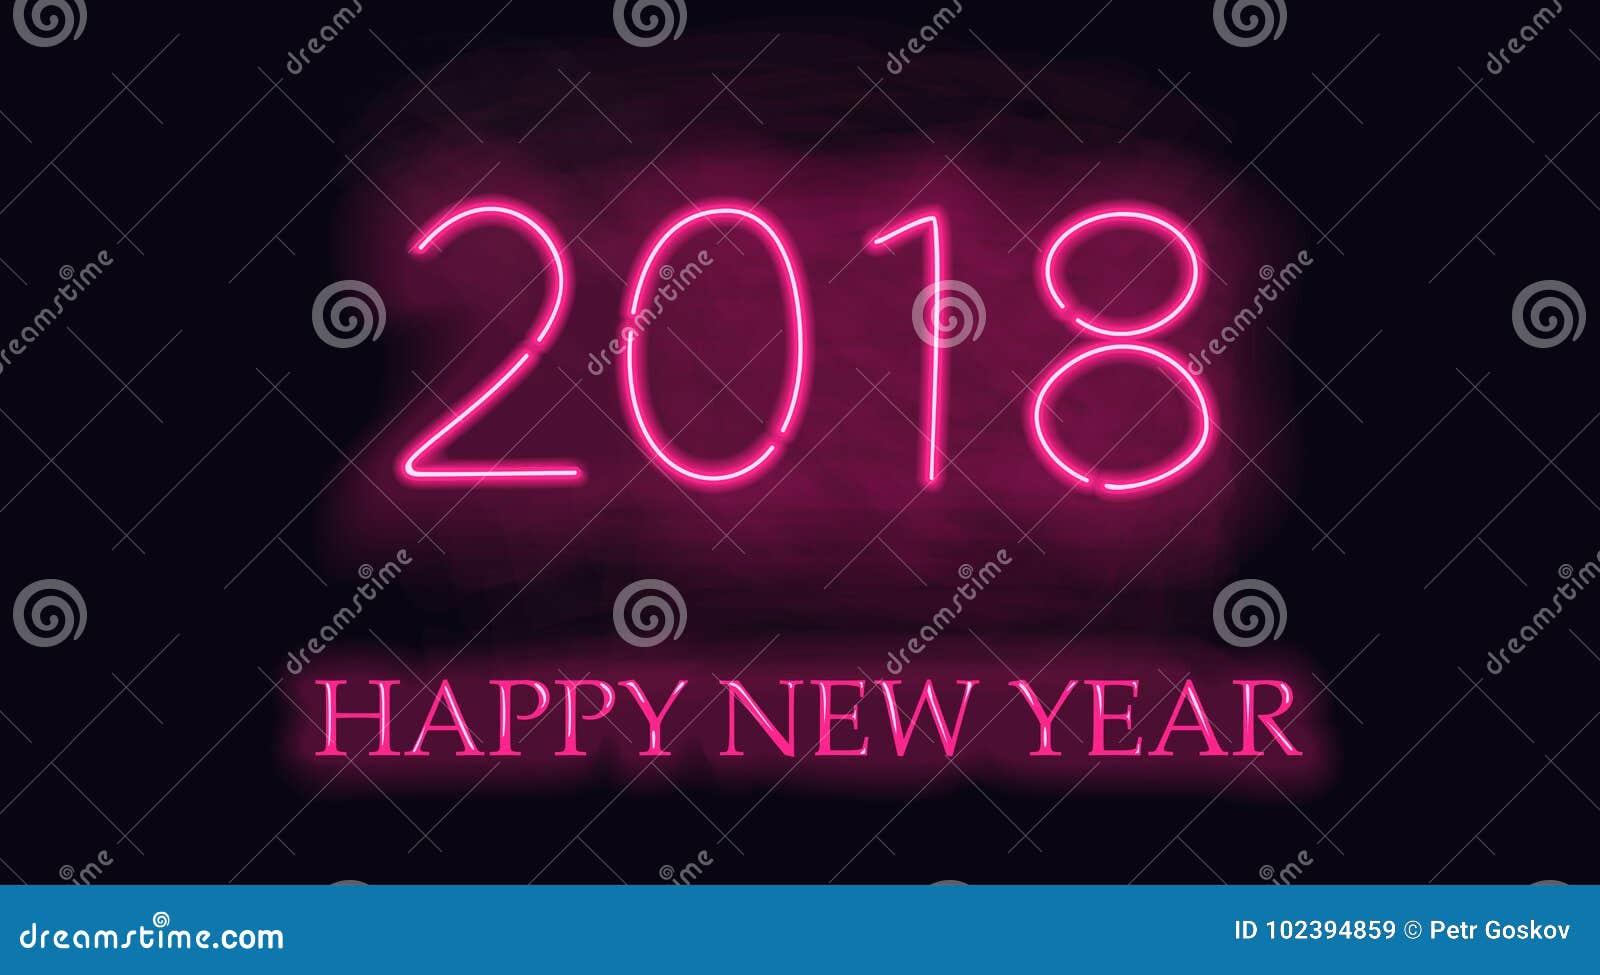 Счастливый новый 2018 год